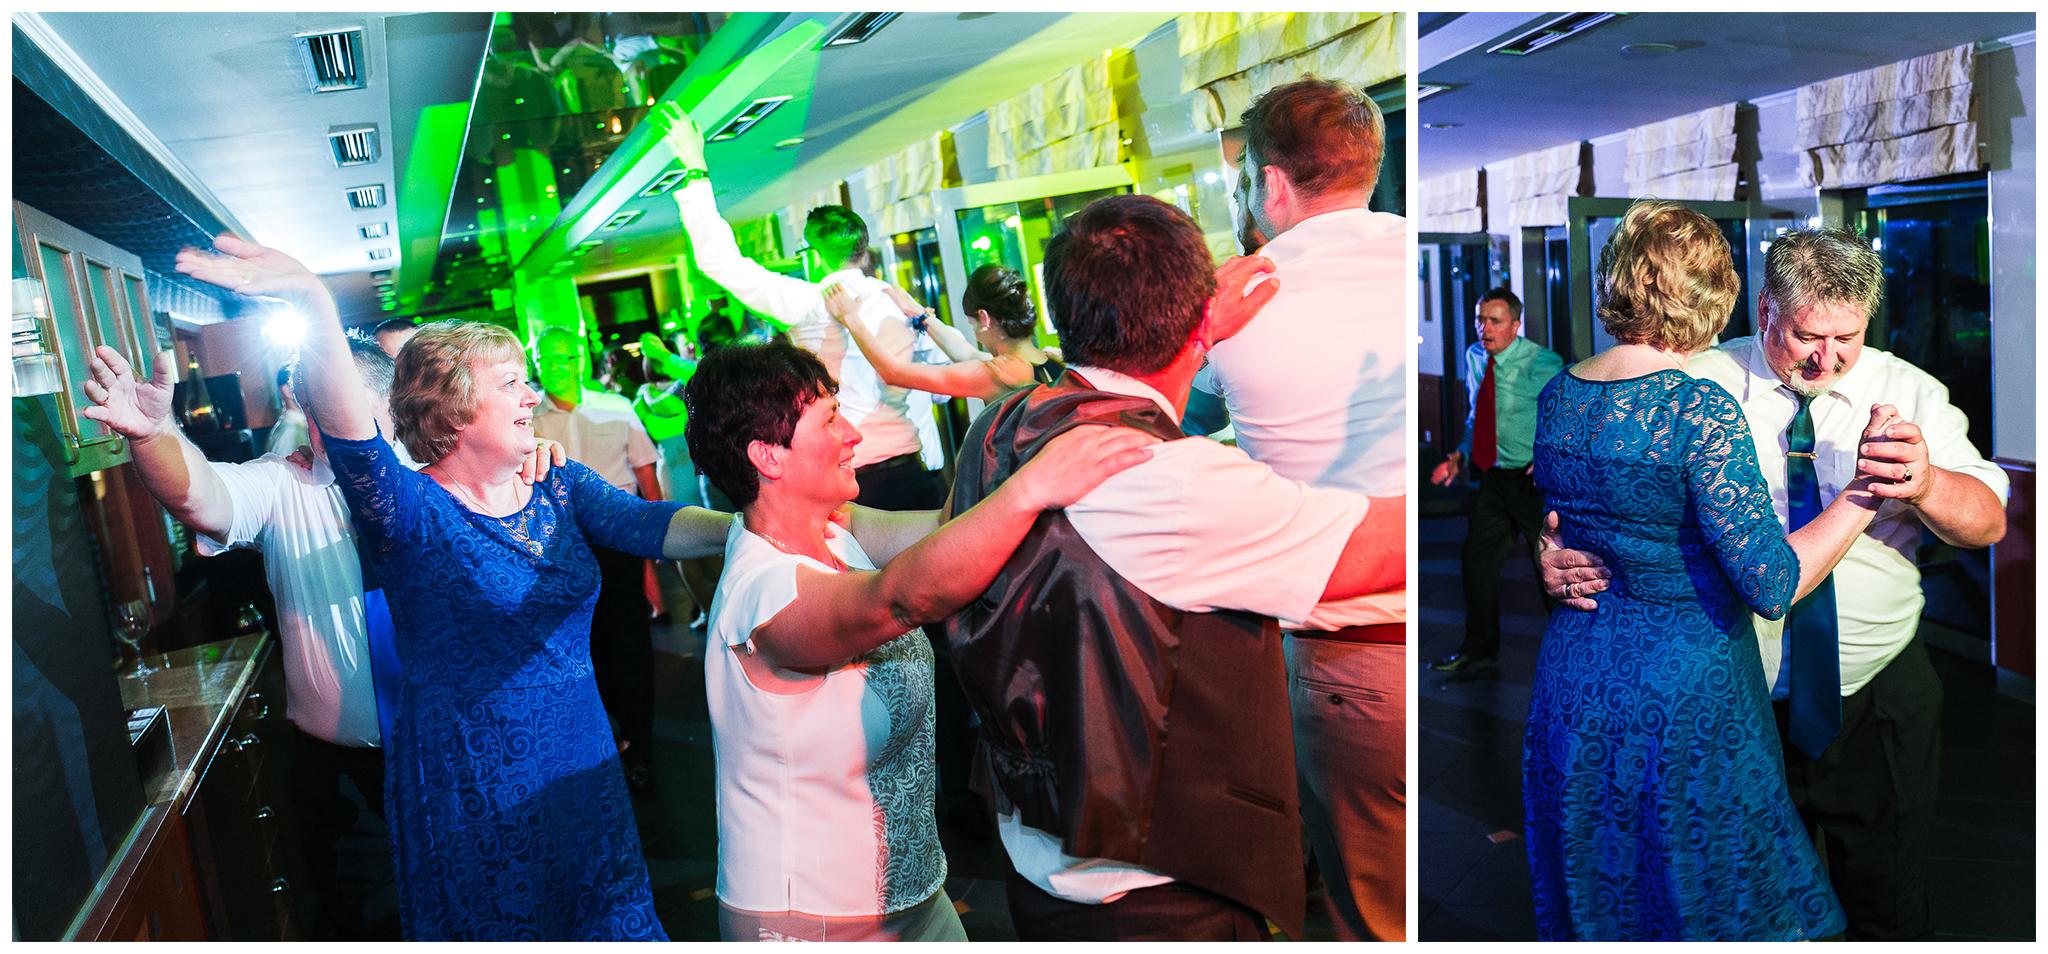 MONT_FylepPhoto, Esküvőfotós Vasmegye, Esküvő fotózás, Esküvői fotós, Körmend, Vas megye, Dunántúl, Budapest, Fülöp Péter, Jegyes fotózás, jegyes, kreatív, kreatívfotózás,Wien,Ausztira,Österreich,hochzeitsfotograf_V&M_059.jpg